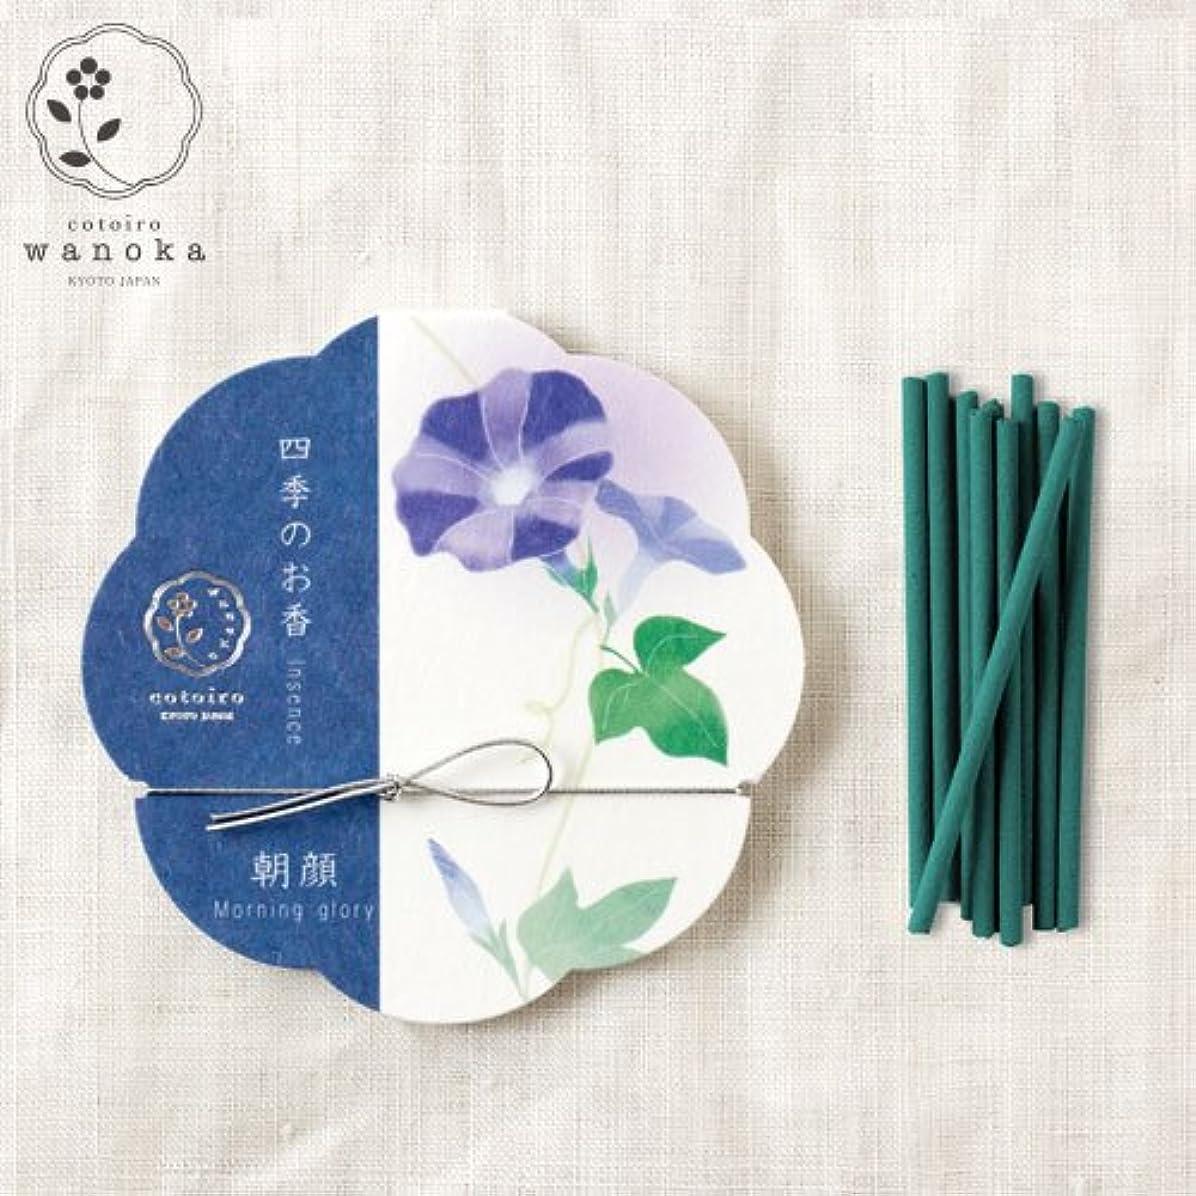 苛性平衡許容できるwanoka四季のお香(インセンス)朝顔《涼しげな朝顔をイメージした香り》ART LABIncense stick